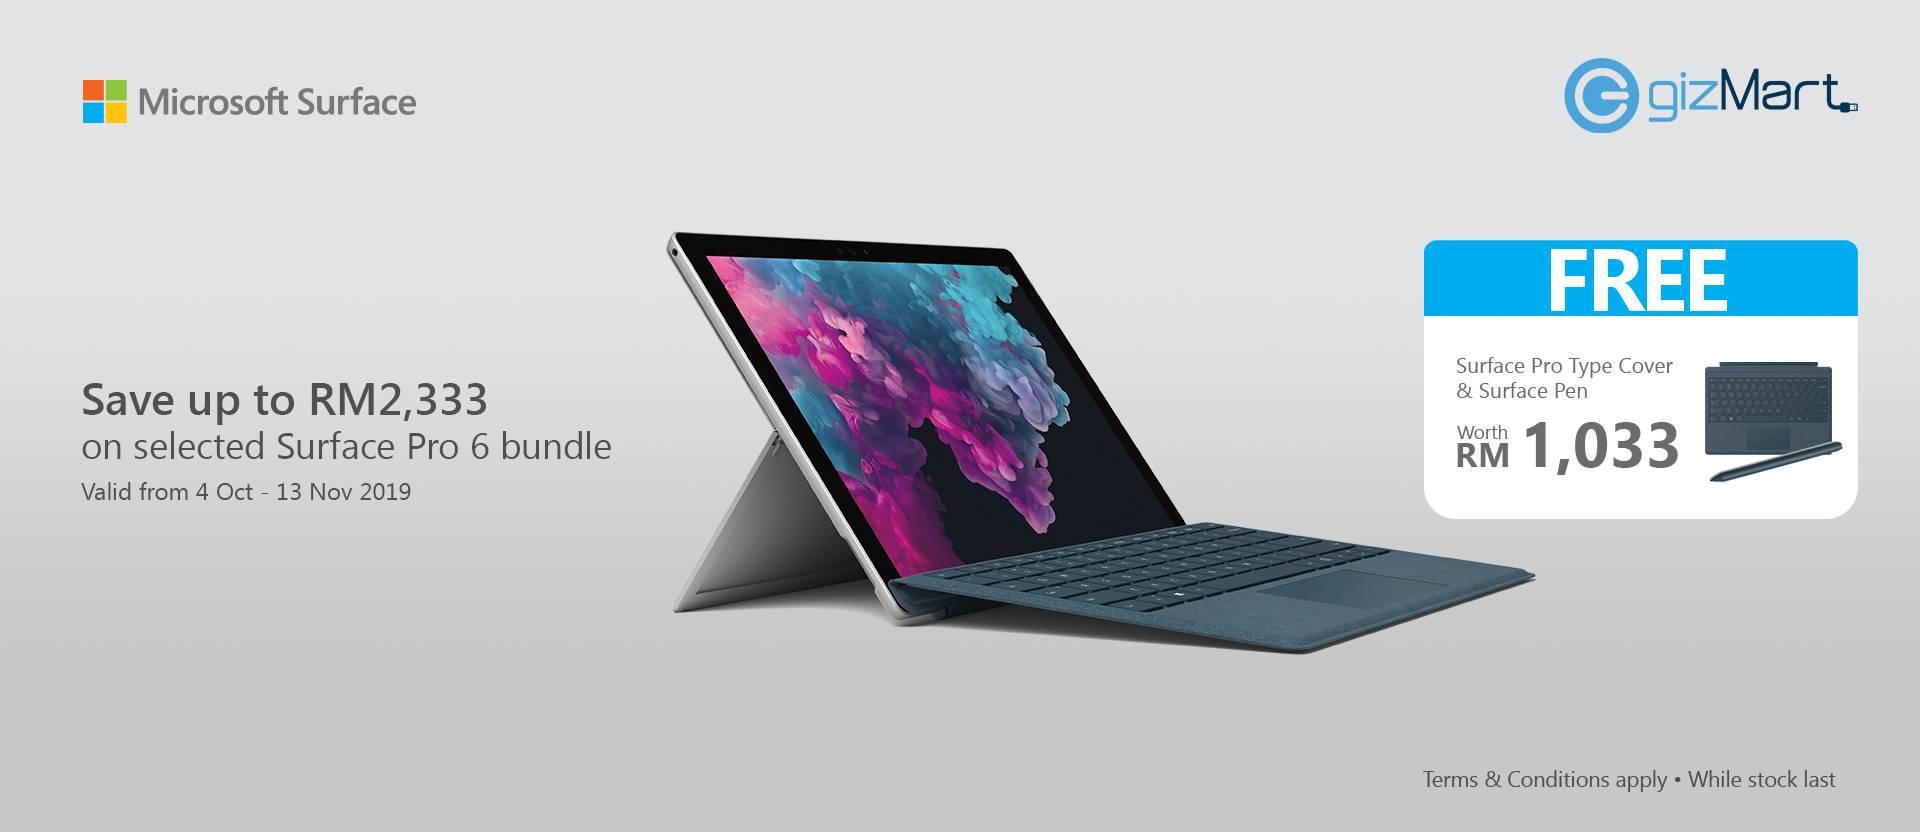 Surface Pro 6 4 Oct - 13 Nov